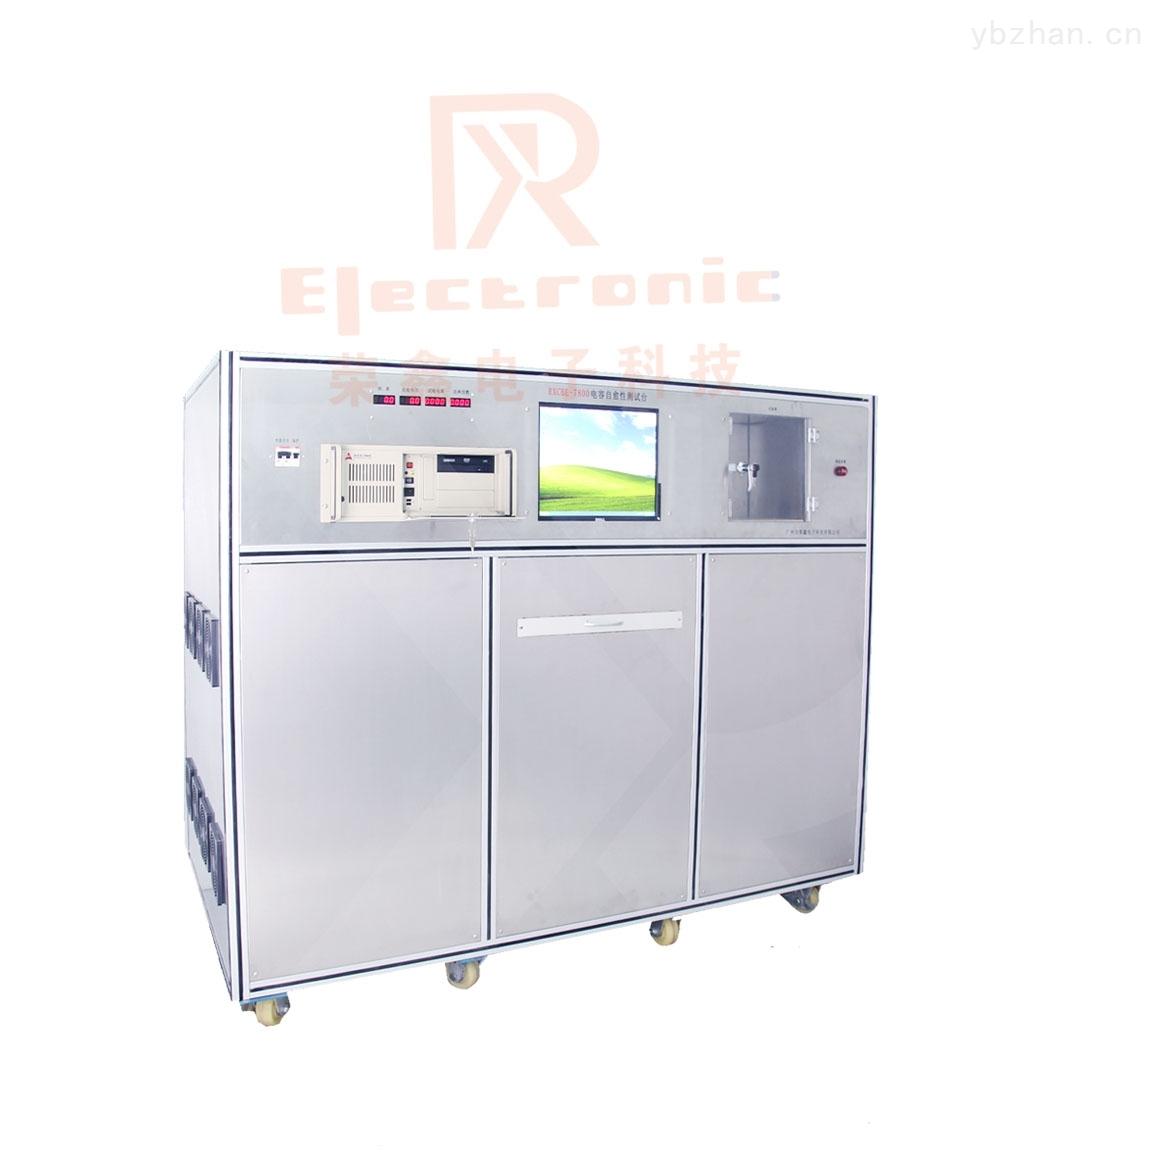 RXCBE7800-空调直流电容器自愈性测试设备哪里购买便宜